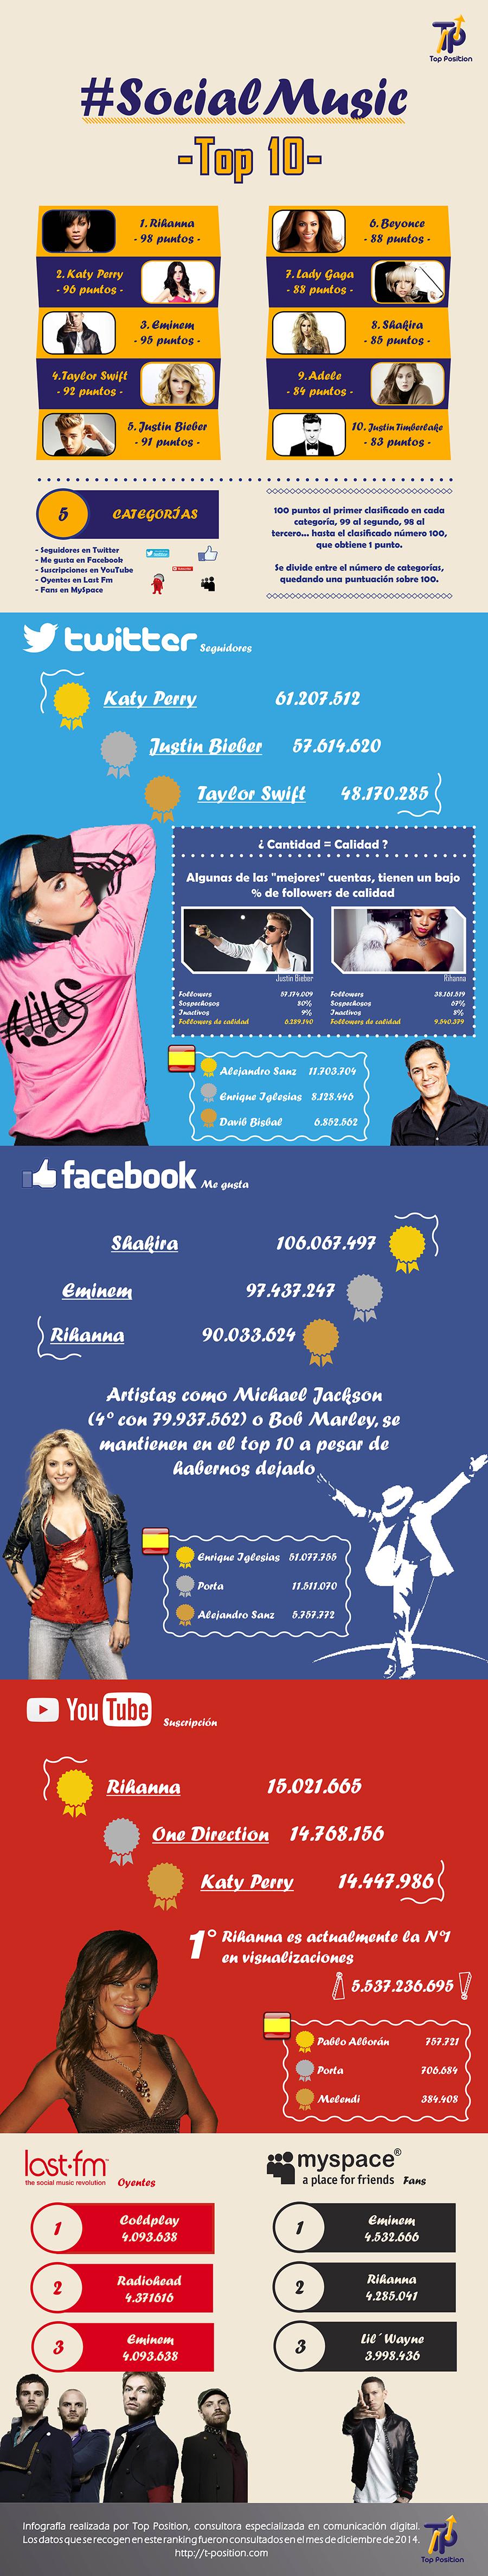 estudio_musica_redes_sociales_2014